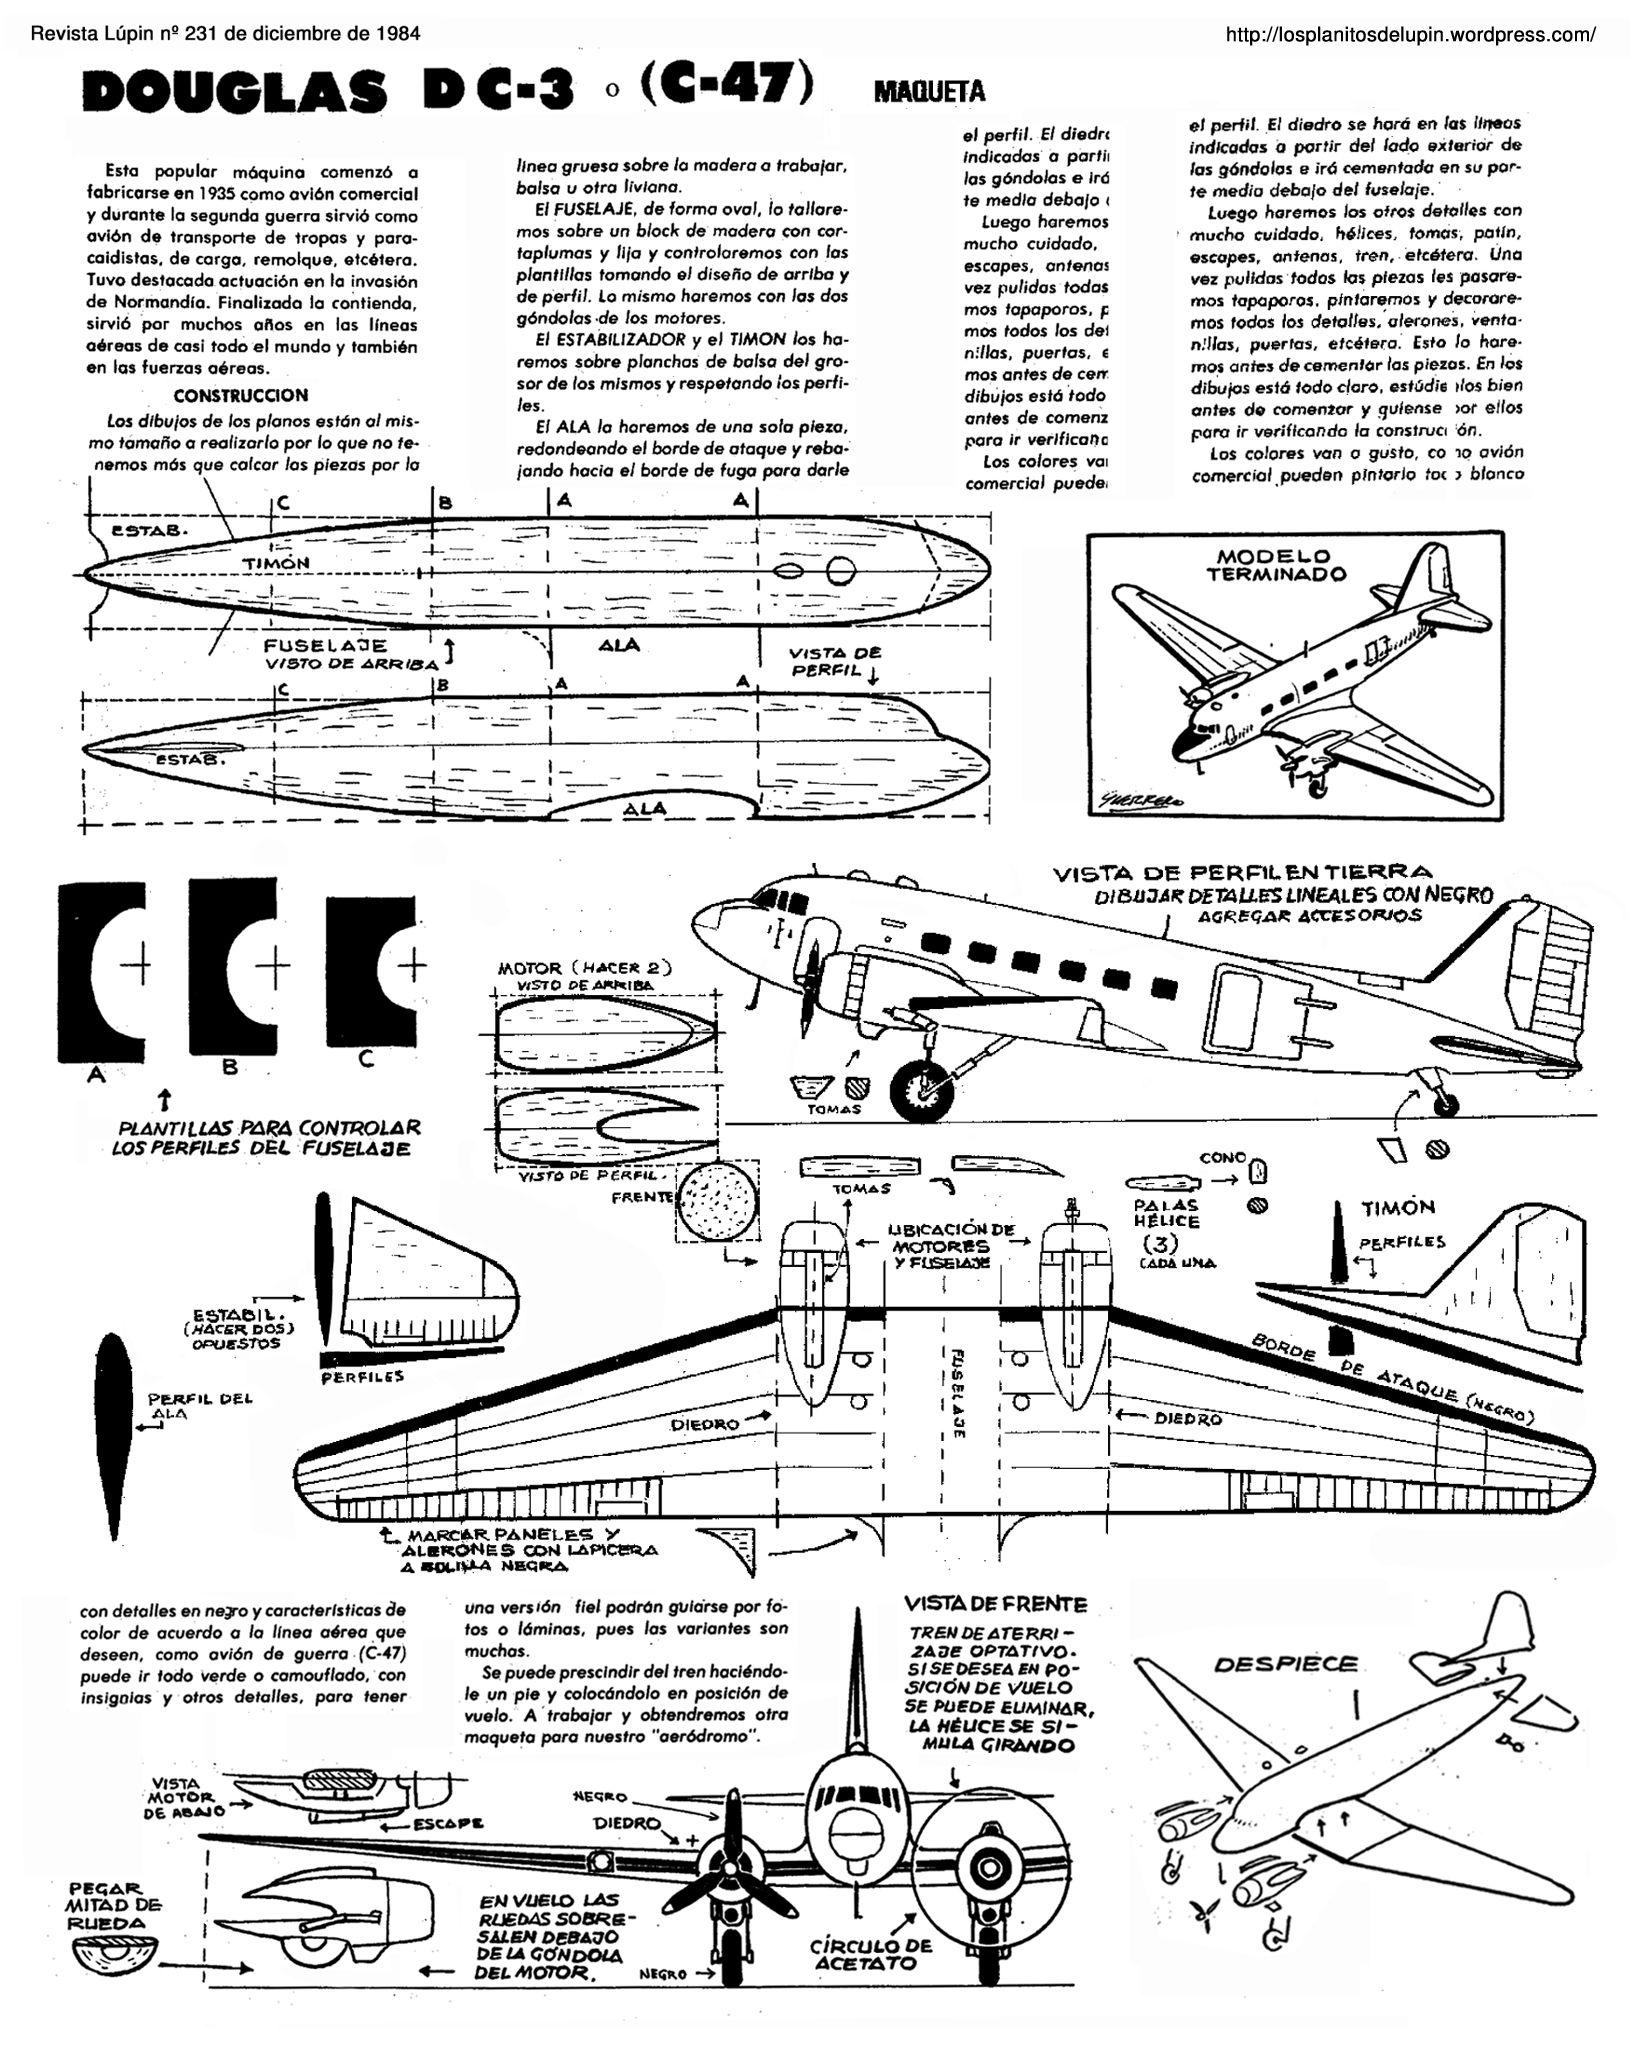 Planitos de lupin douglas dc 3 zuk nftige projekte - Trabajos manuales en madera ...